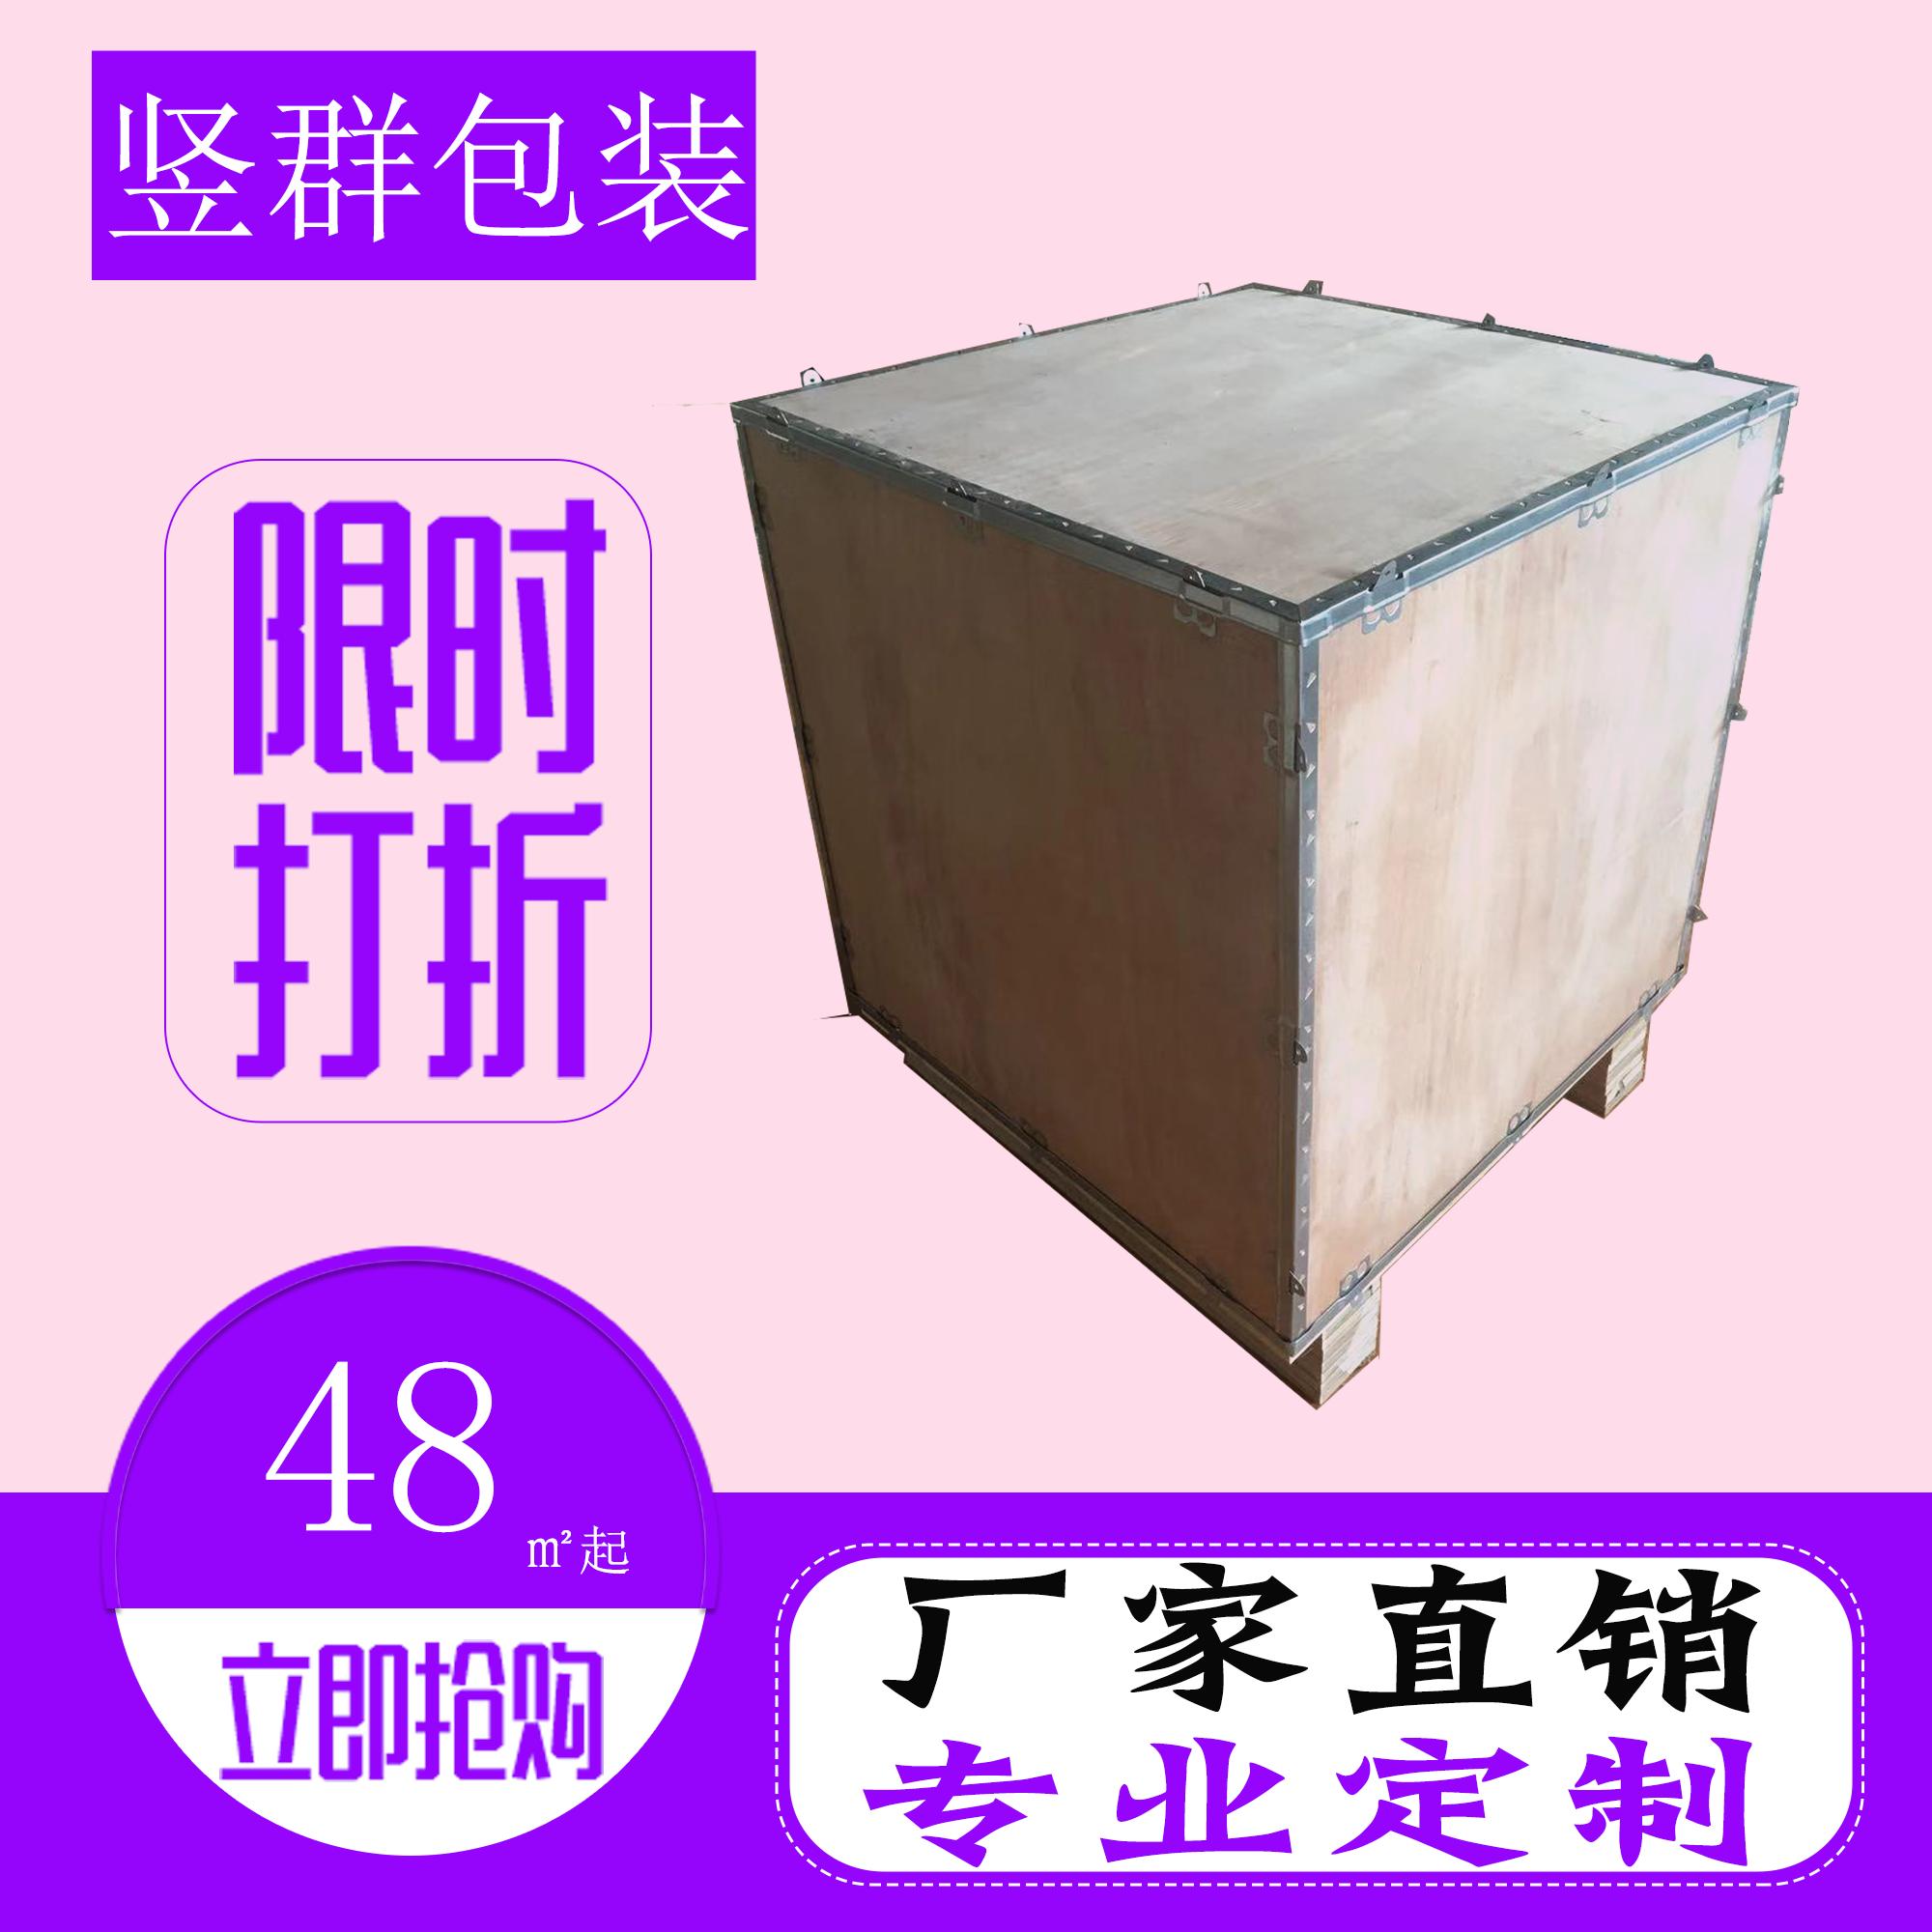 Упаковка / Пленка / Пакеты Артикул 581855849332